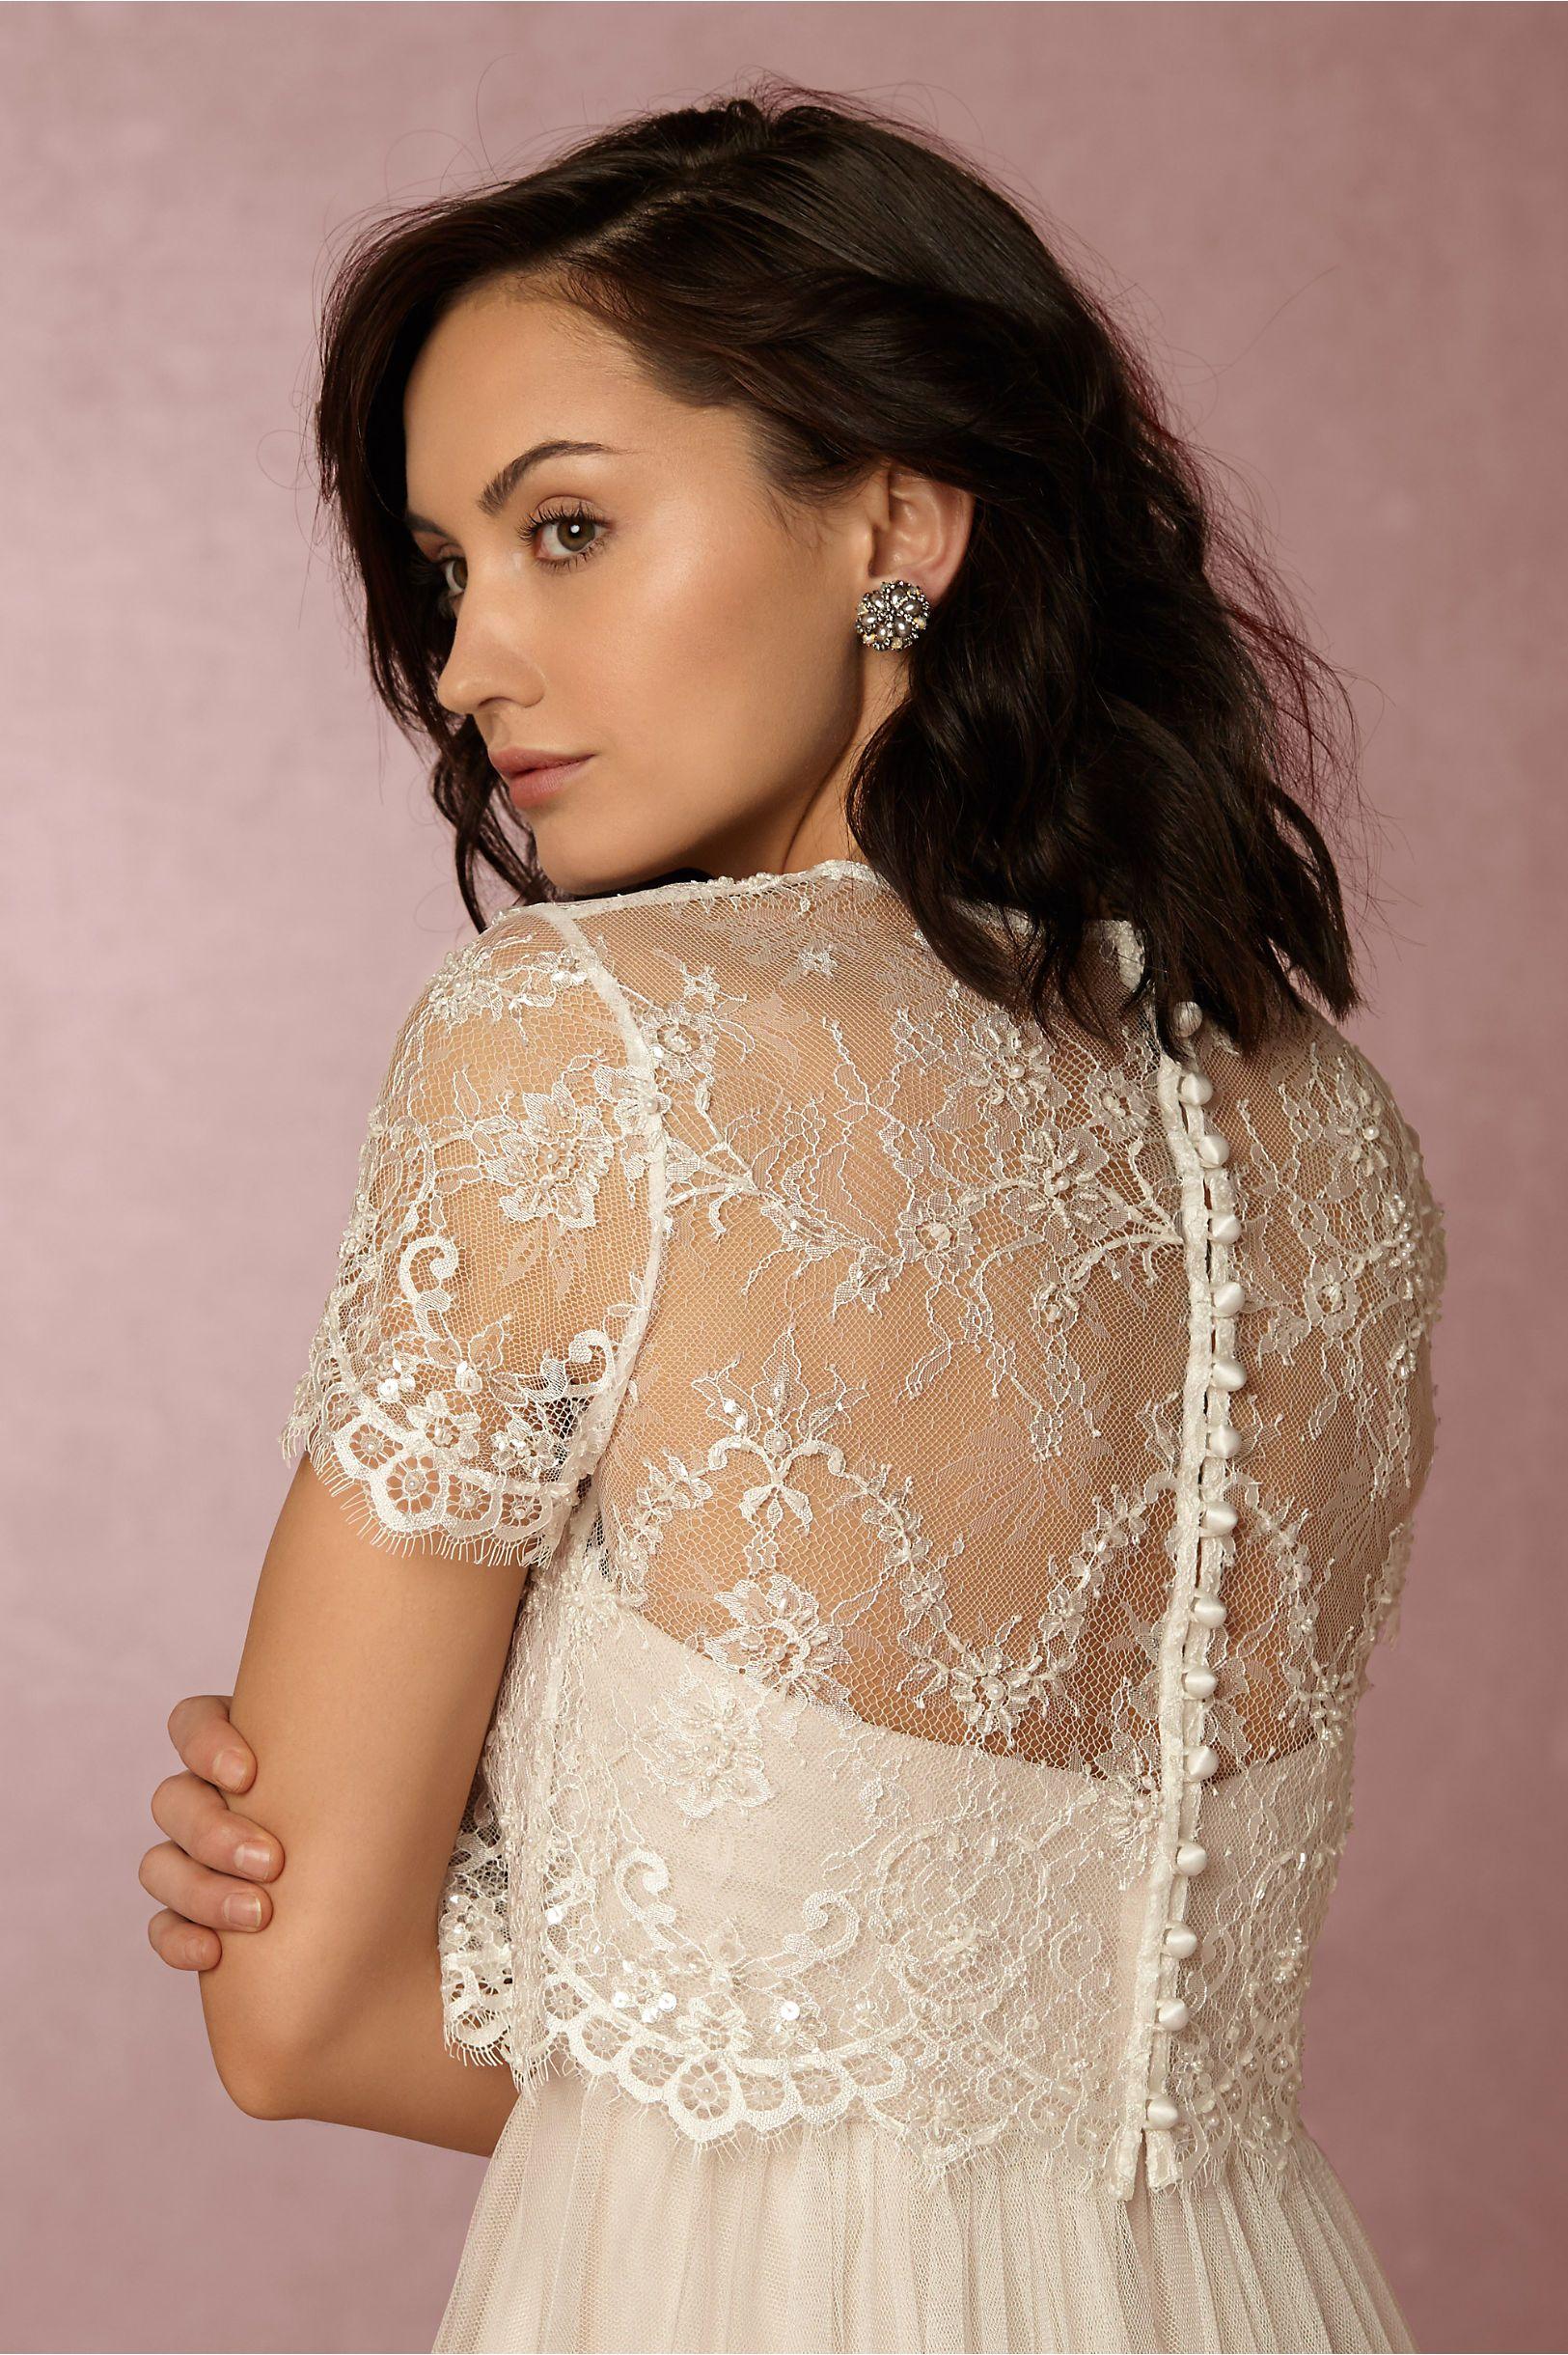 9b7af3aab2 Bridal Separates from BHLDN Wedding Wedding dress topper